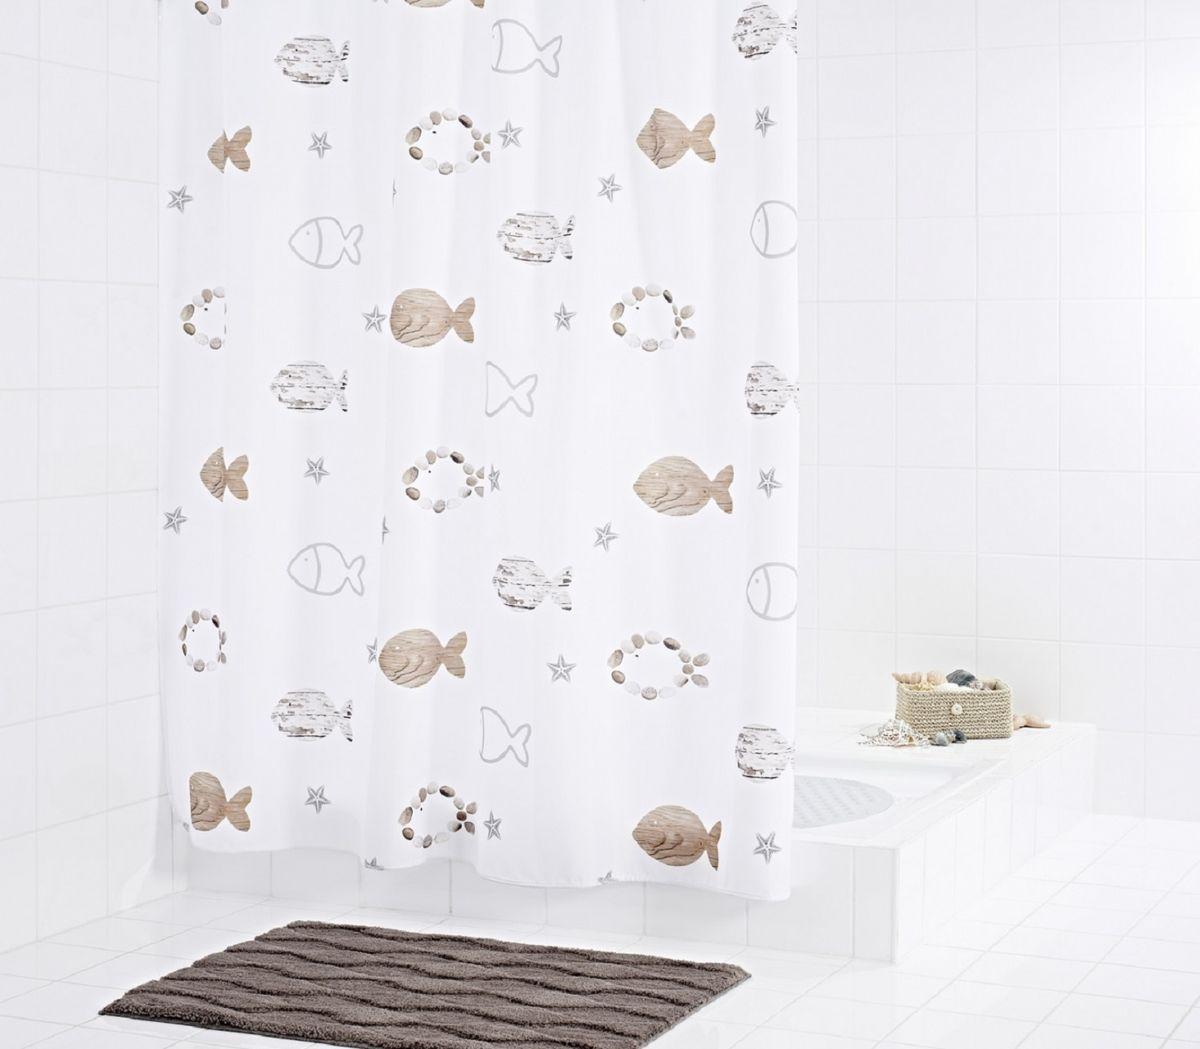 Штора для ванной комнаты Ridder Fishes, цвет: бежевый, коричневый, 180 х 200 см стакан для ванной комнаты ridder stone цвет бежевый